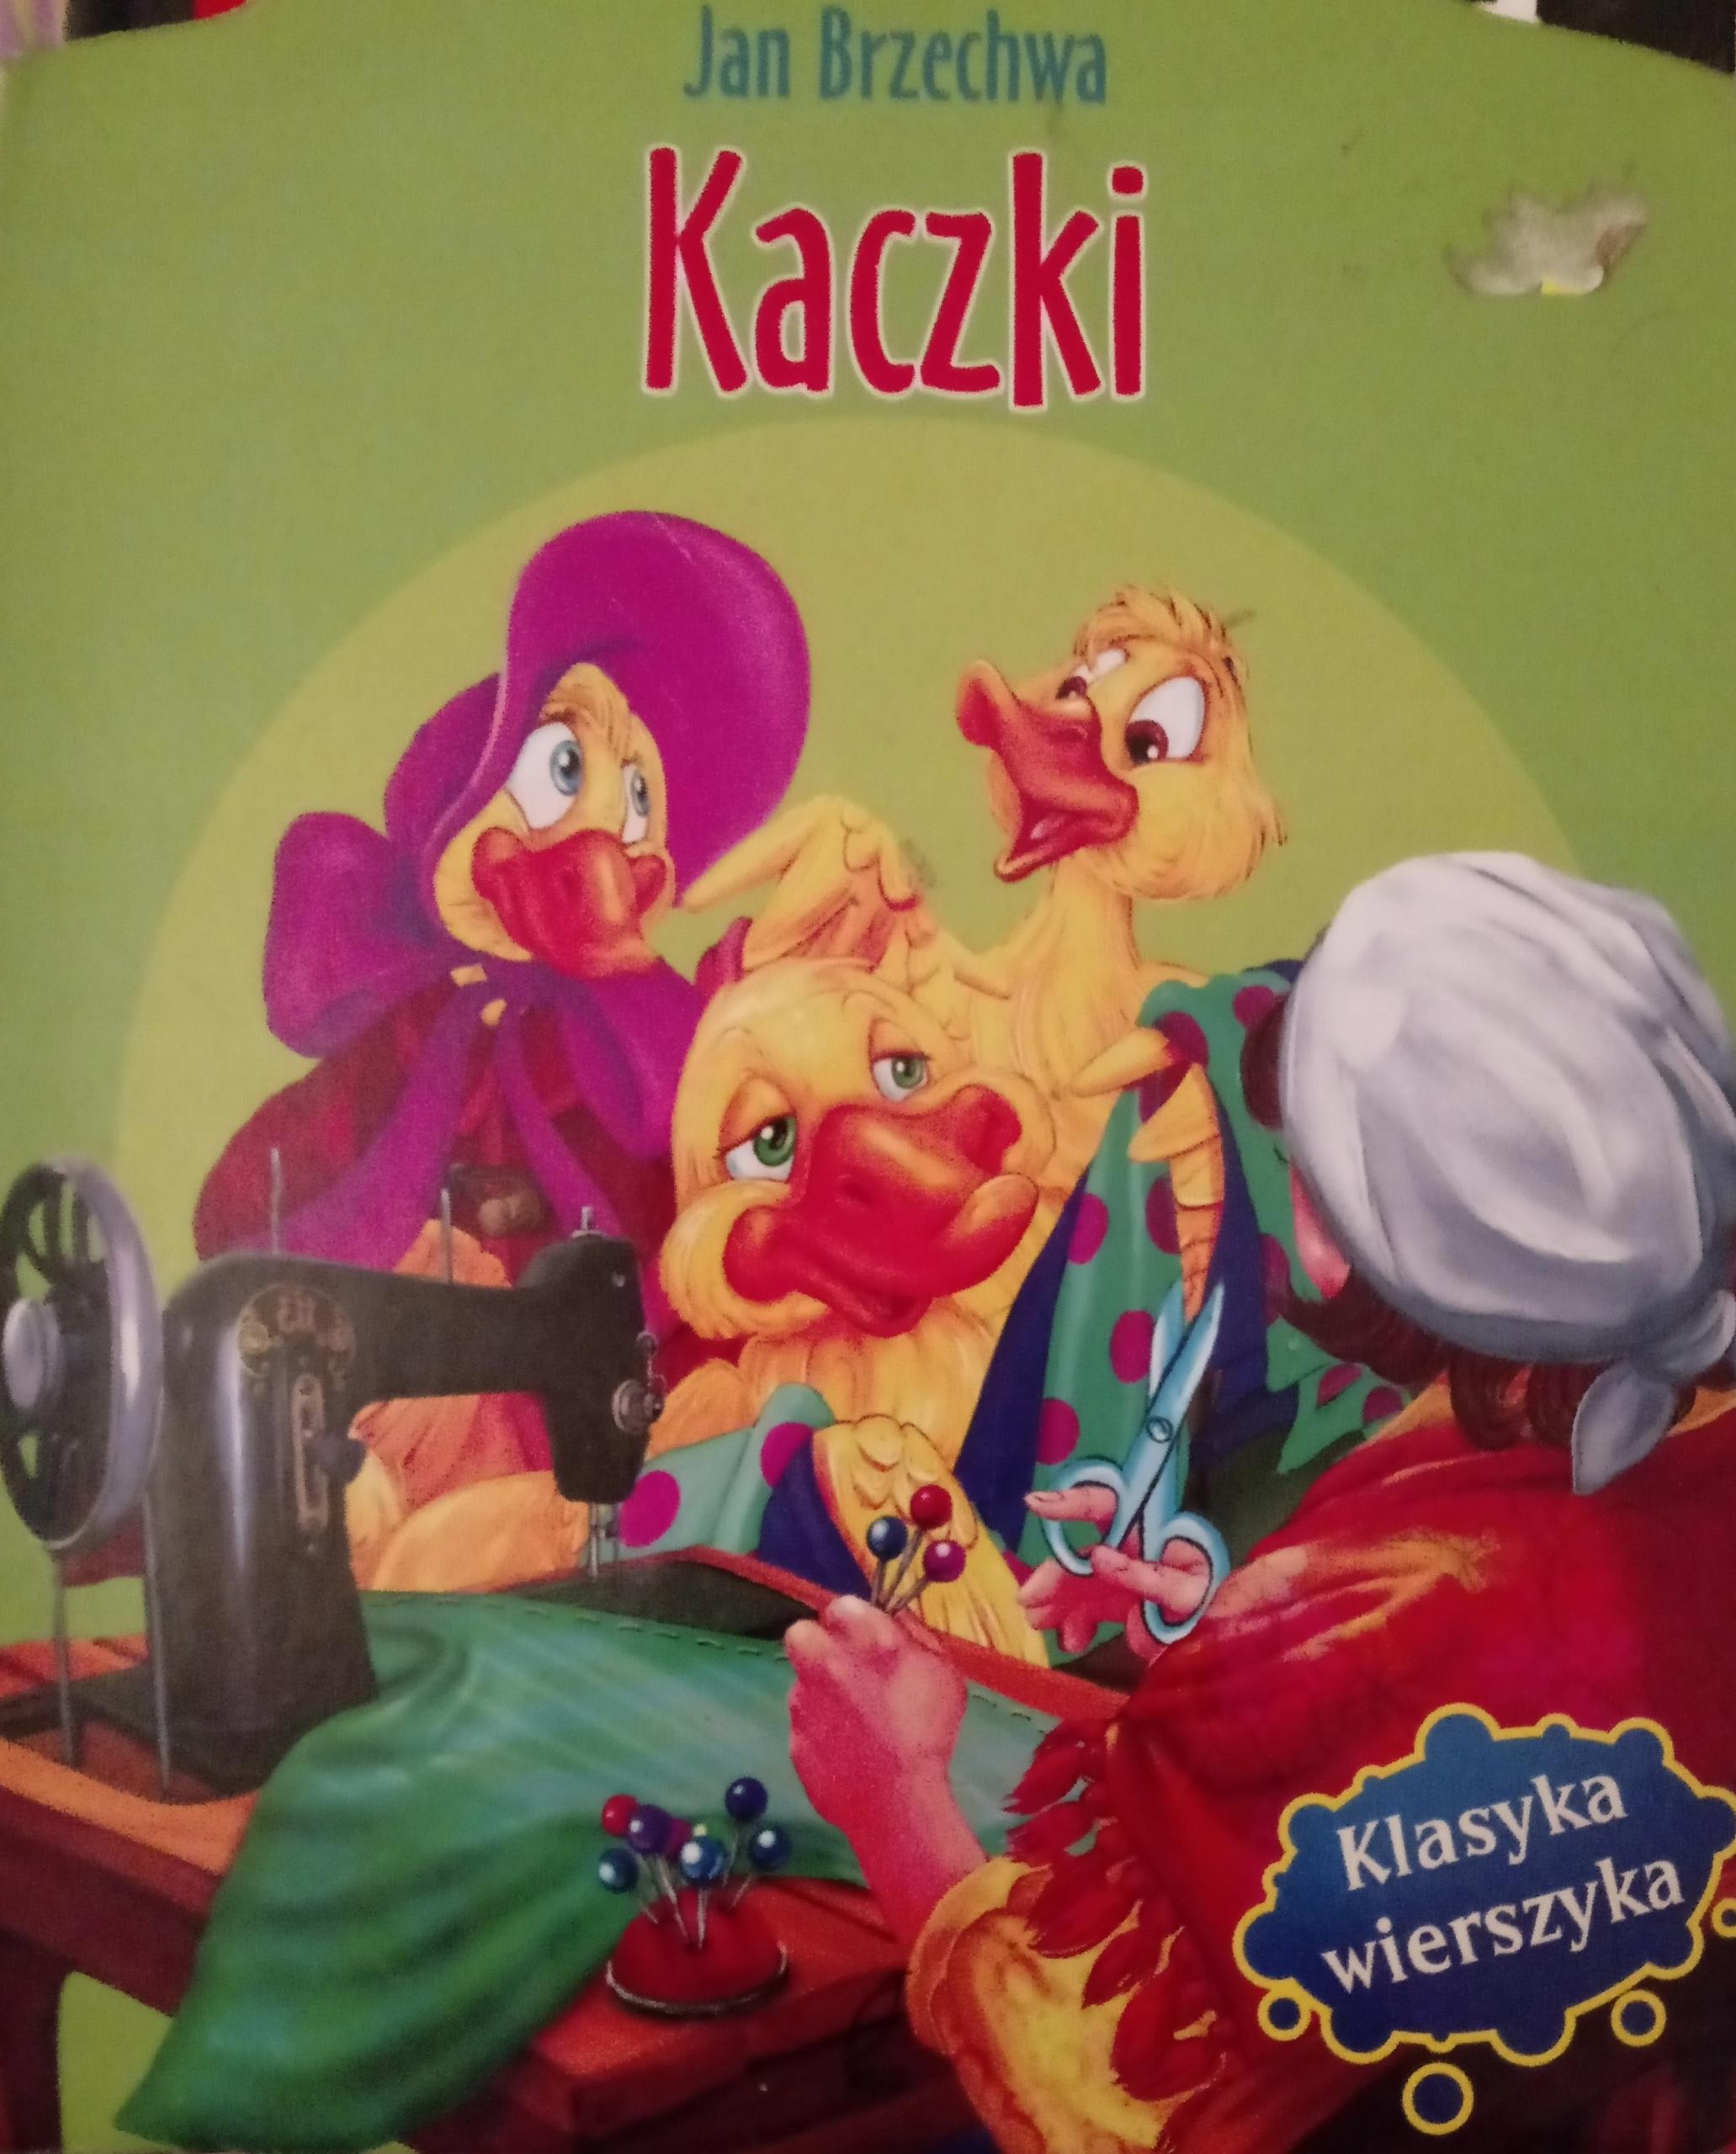 Kaczki - Jan Brzechwa